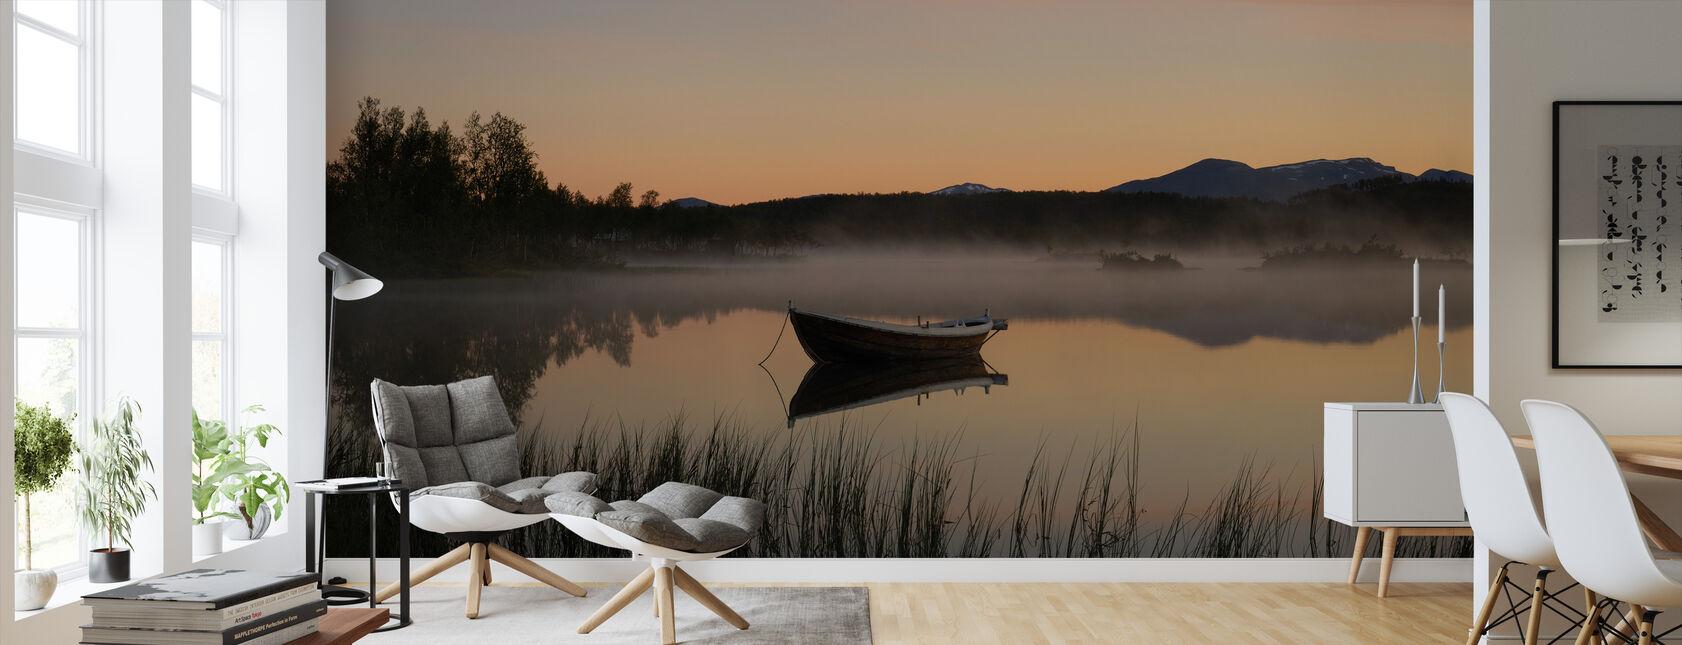 Fredelig kveld ved innsjøen, Senja Norge - Tapet - Stue